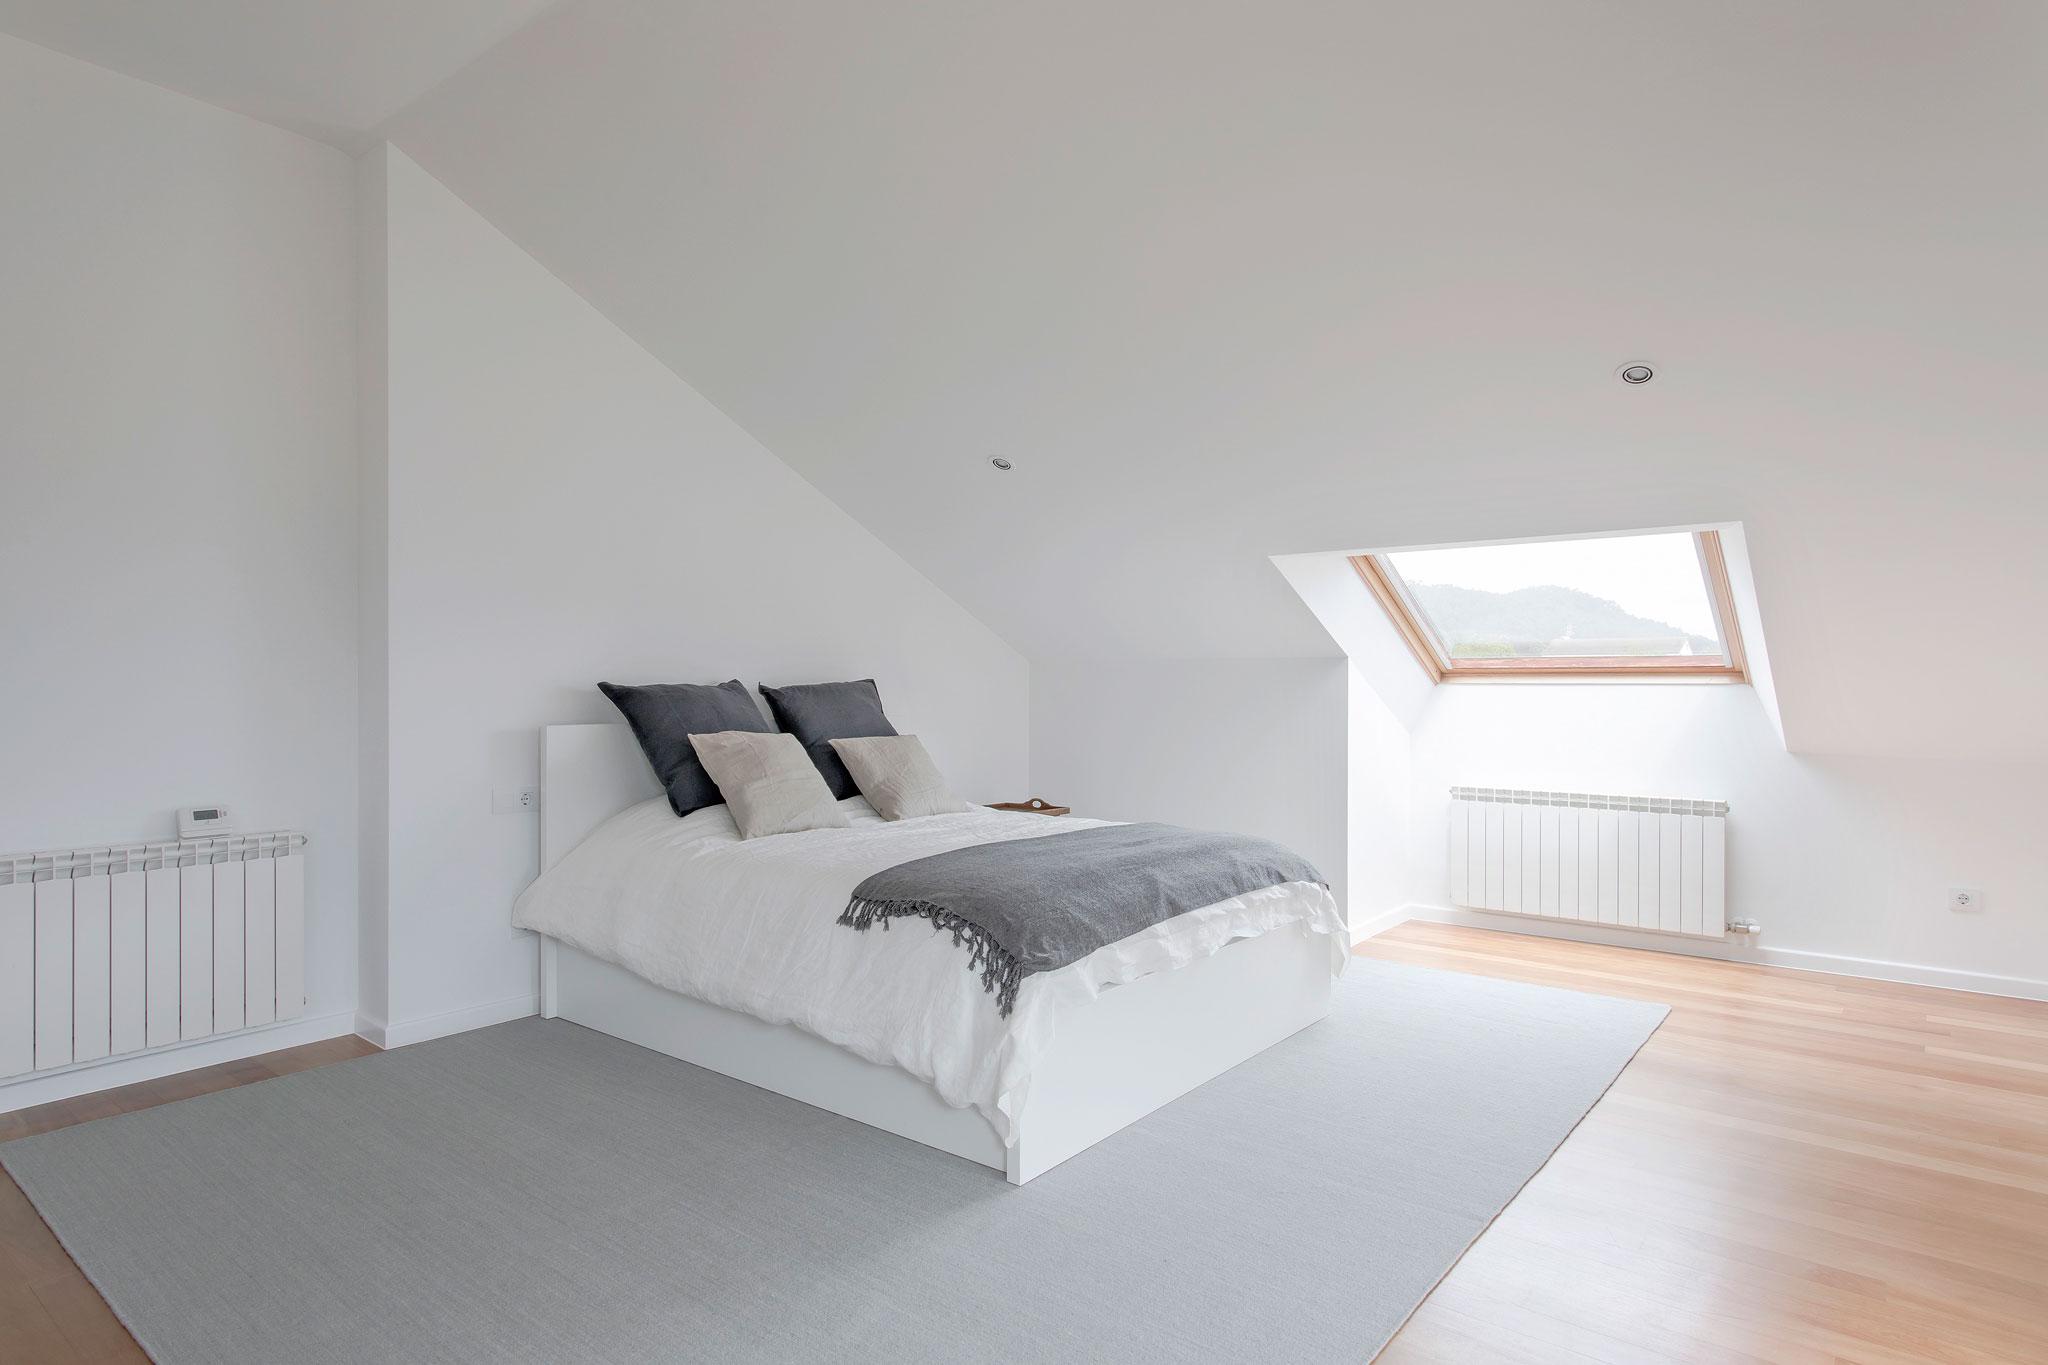 reforma de dormitorio en vigo